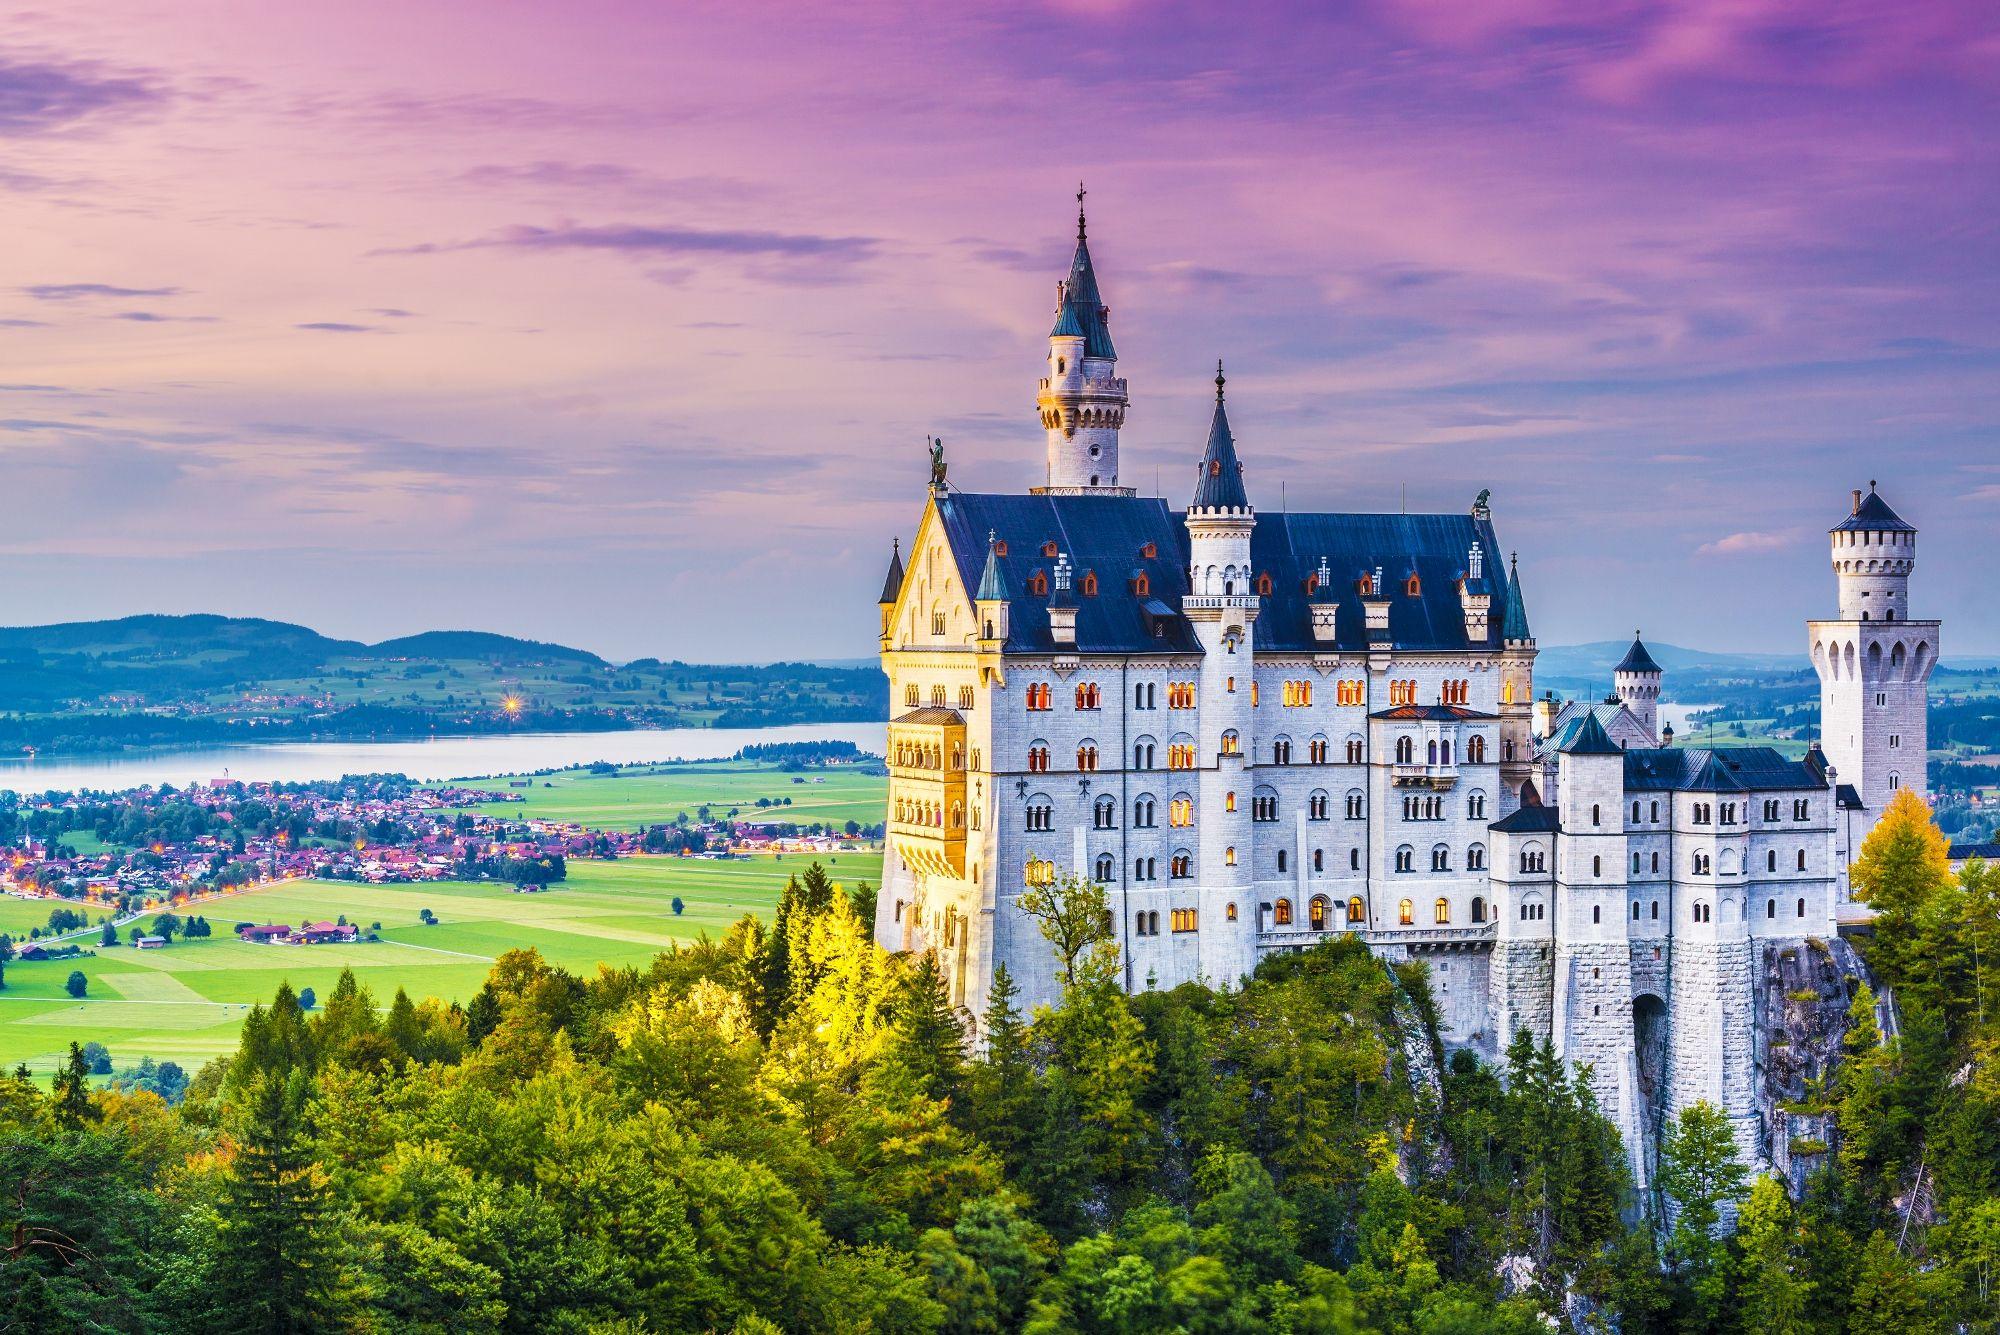 Schloss Neuschwanstein Deutschland Burgen Romantikreisen Neuschwanstein